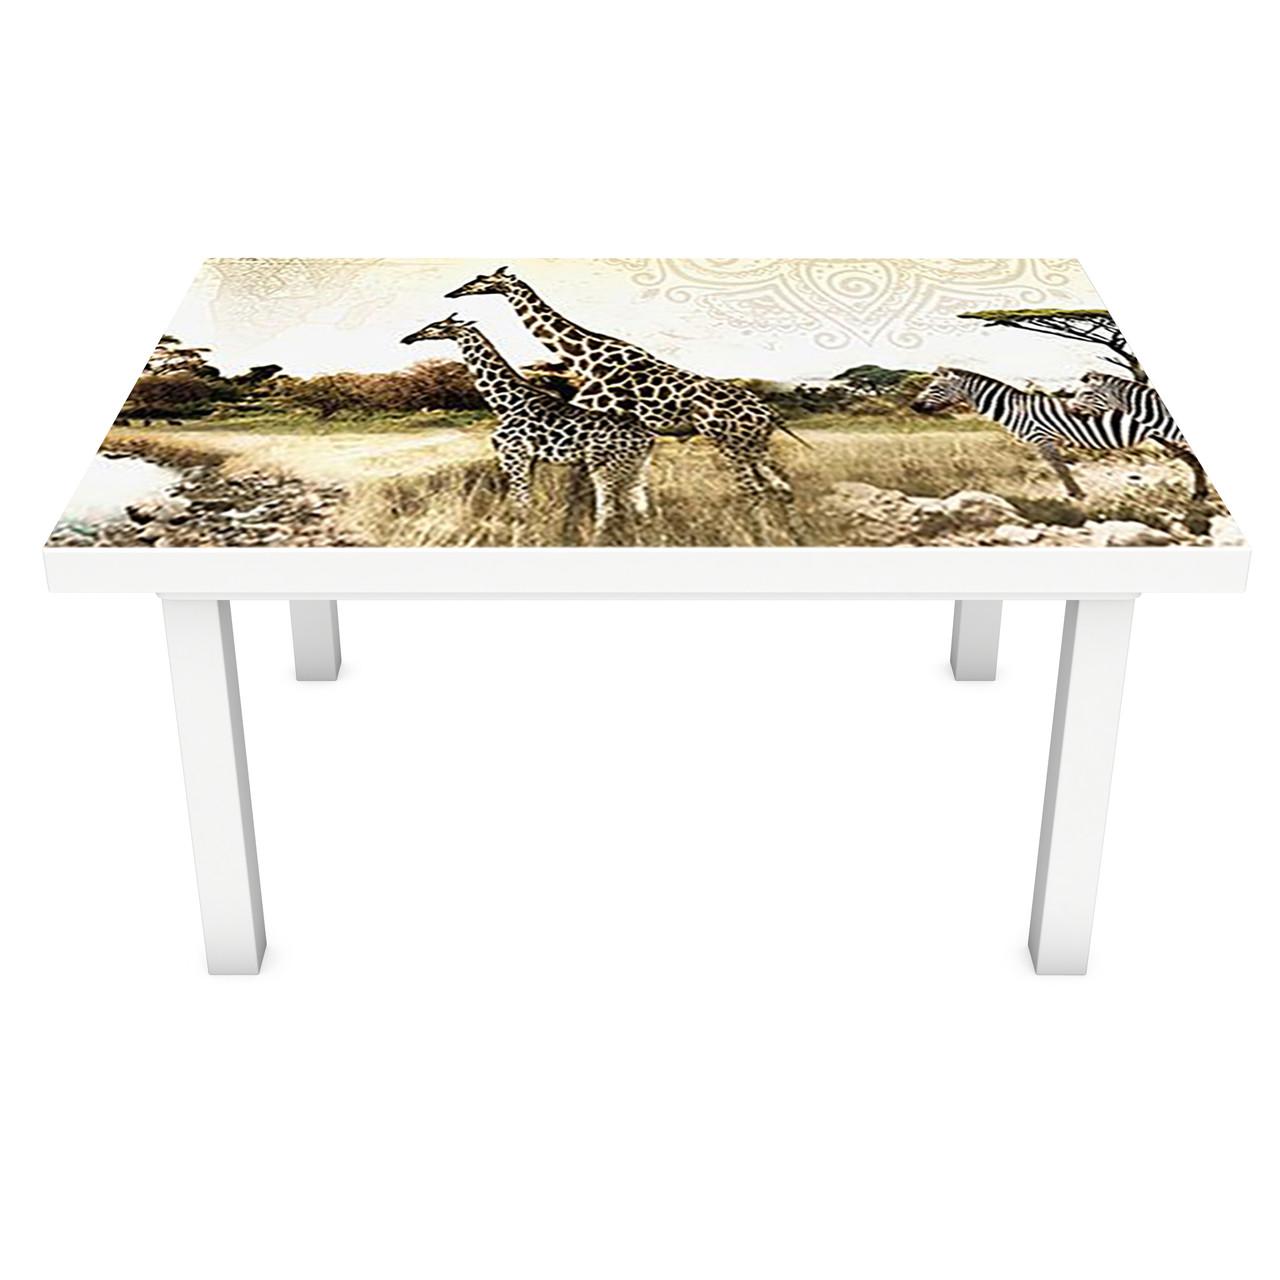 Наклейка на стіл вінілова Етно Сафарі ПВХ плівка для меблів інтер'єрна 3D слони зебри Африка 600*1200 мм